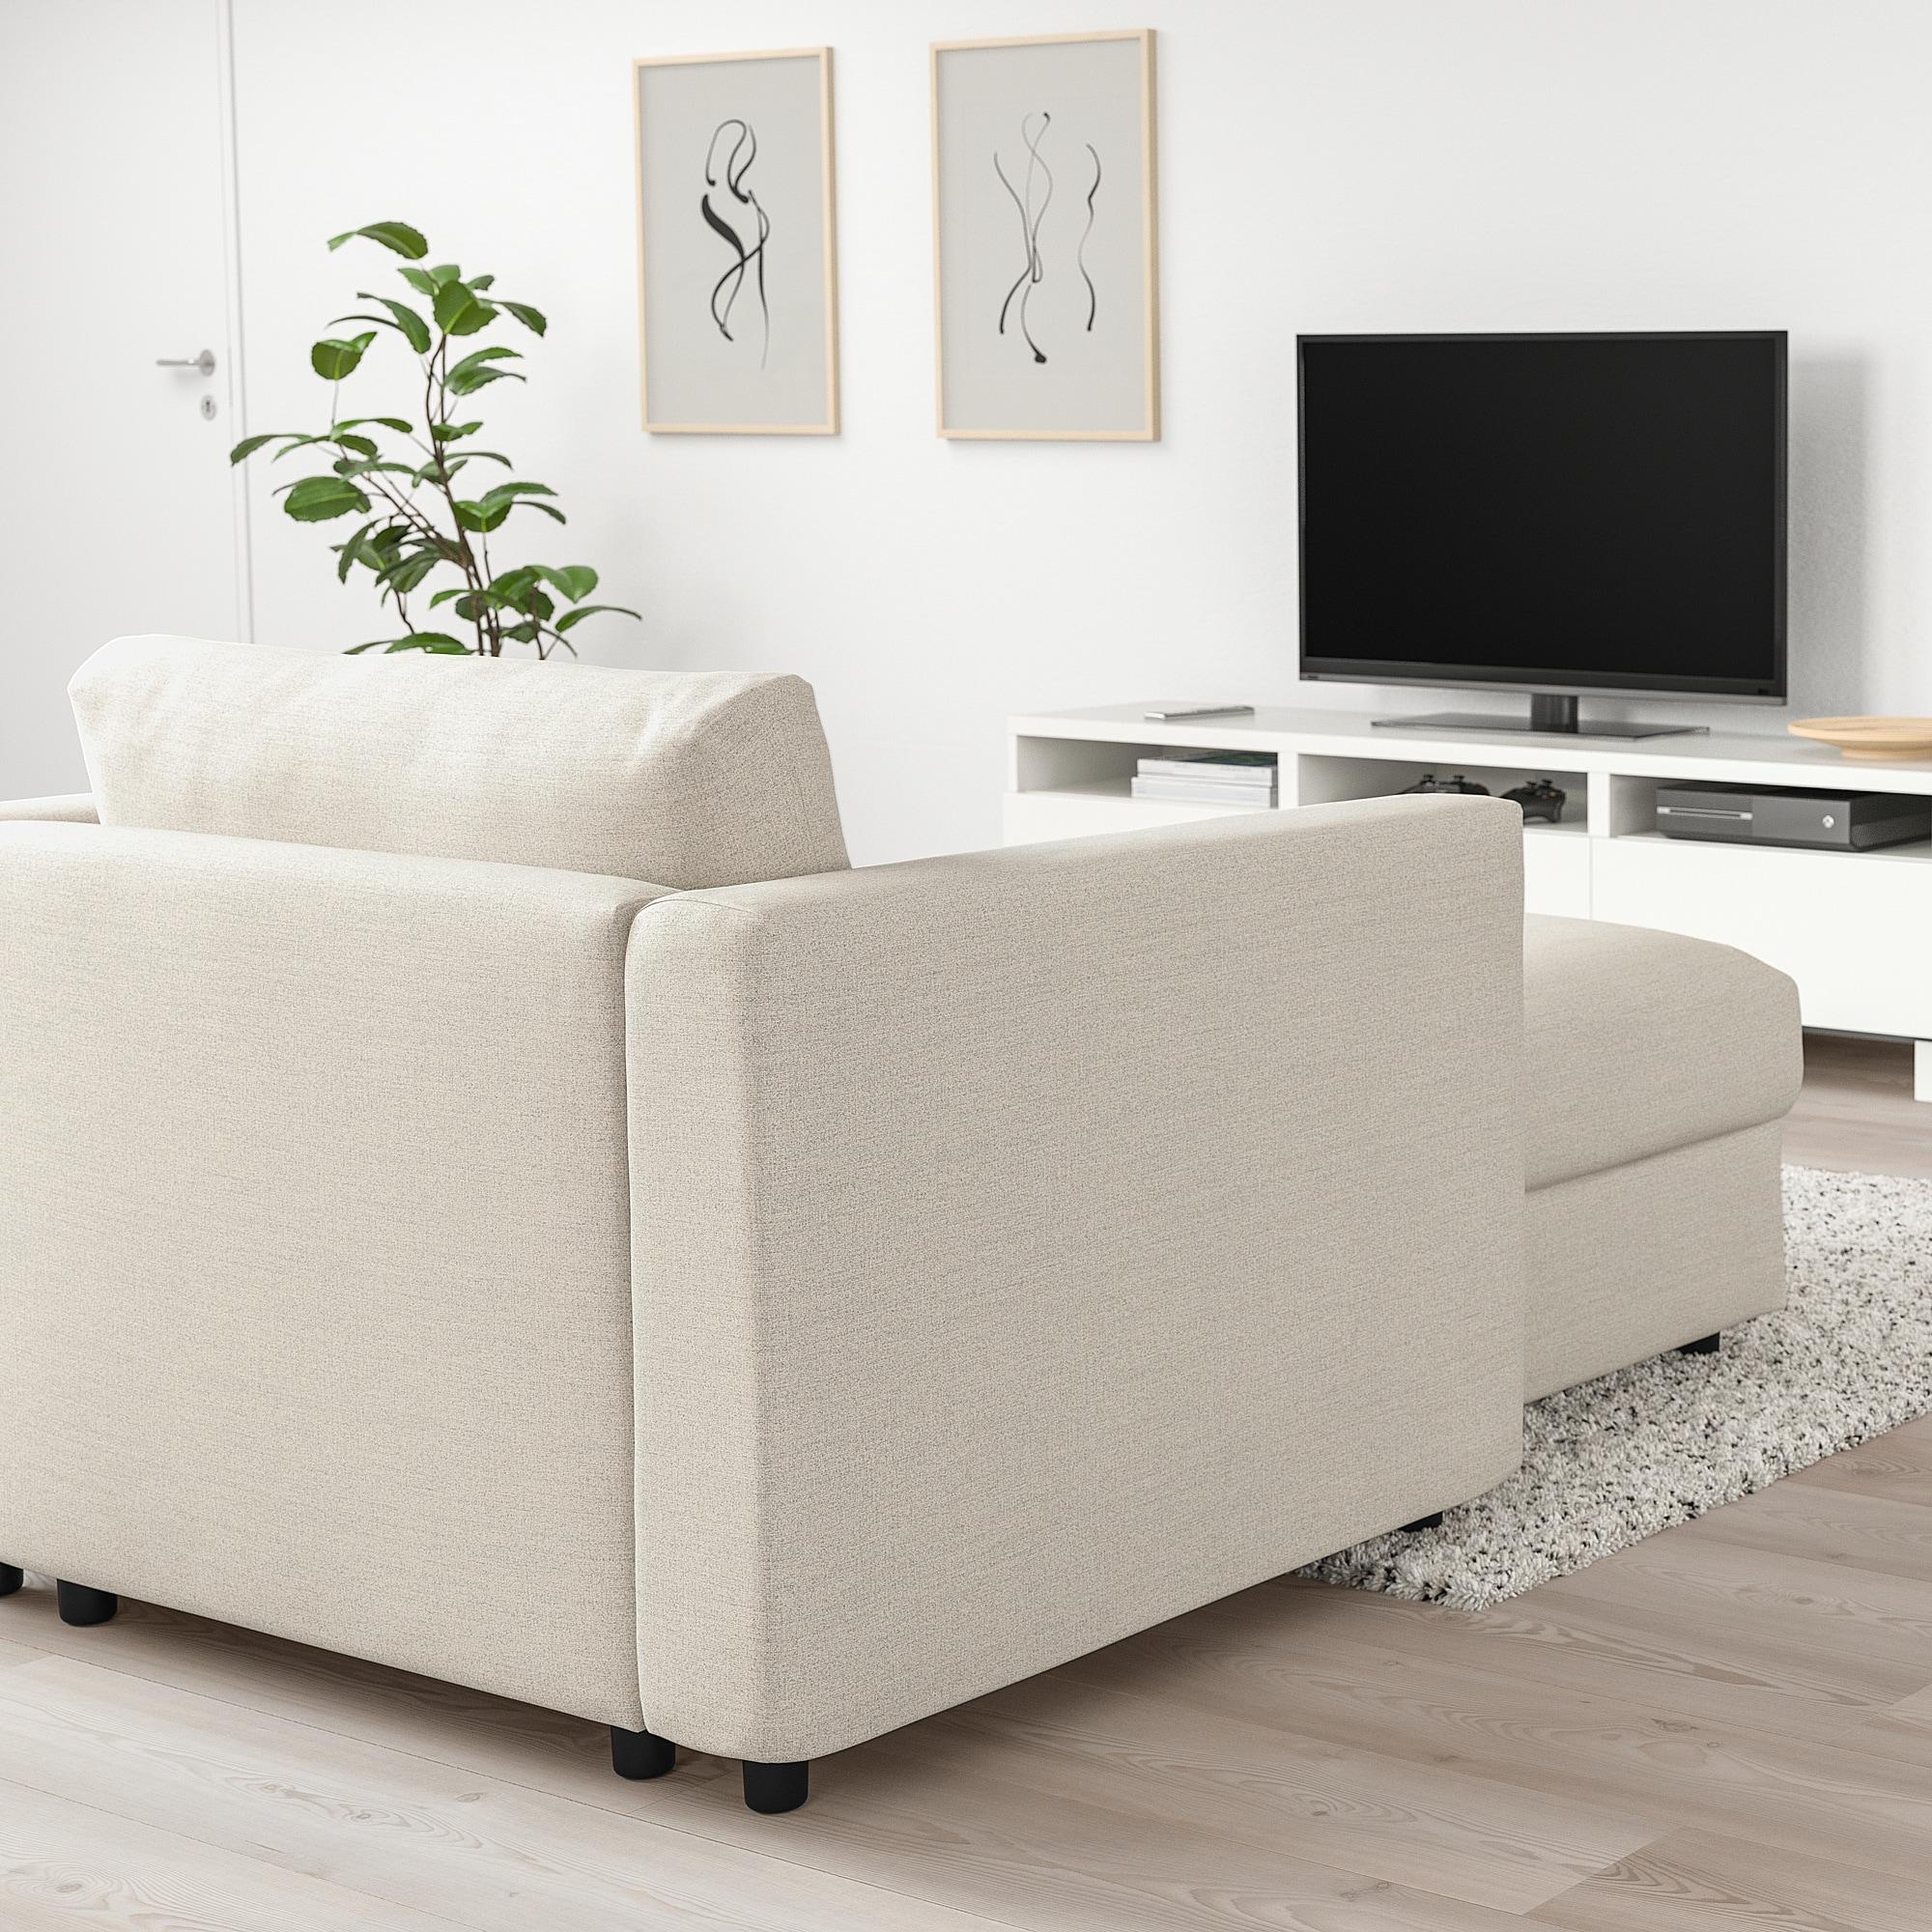 Ikea Vimle Chaise Gunnared Beige En 2019 Canapé Lit